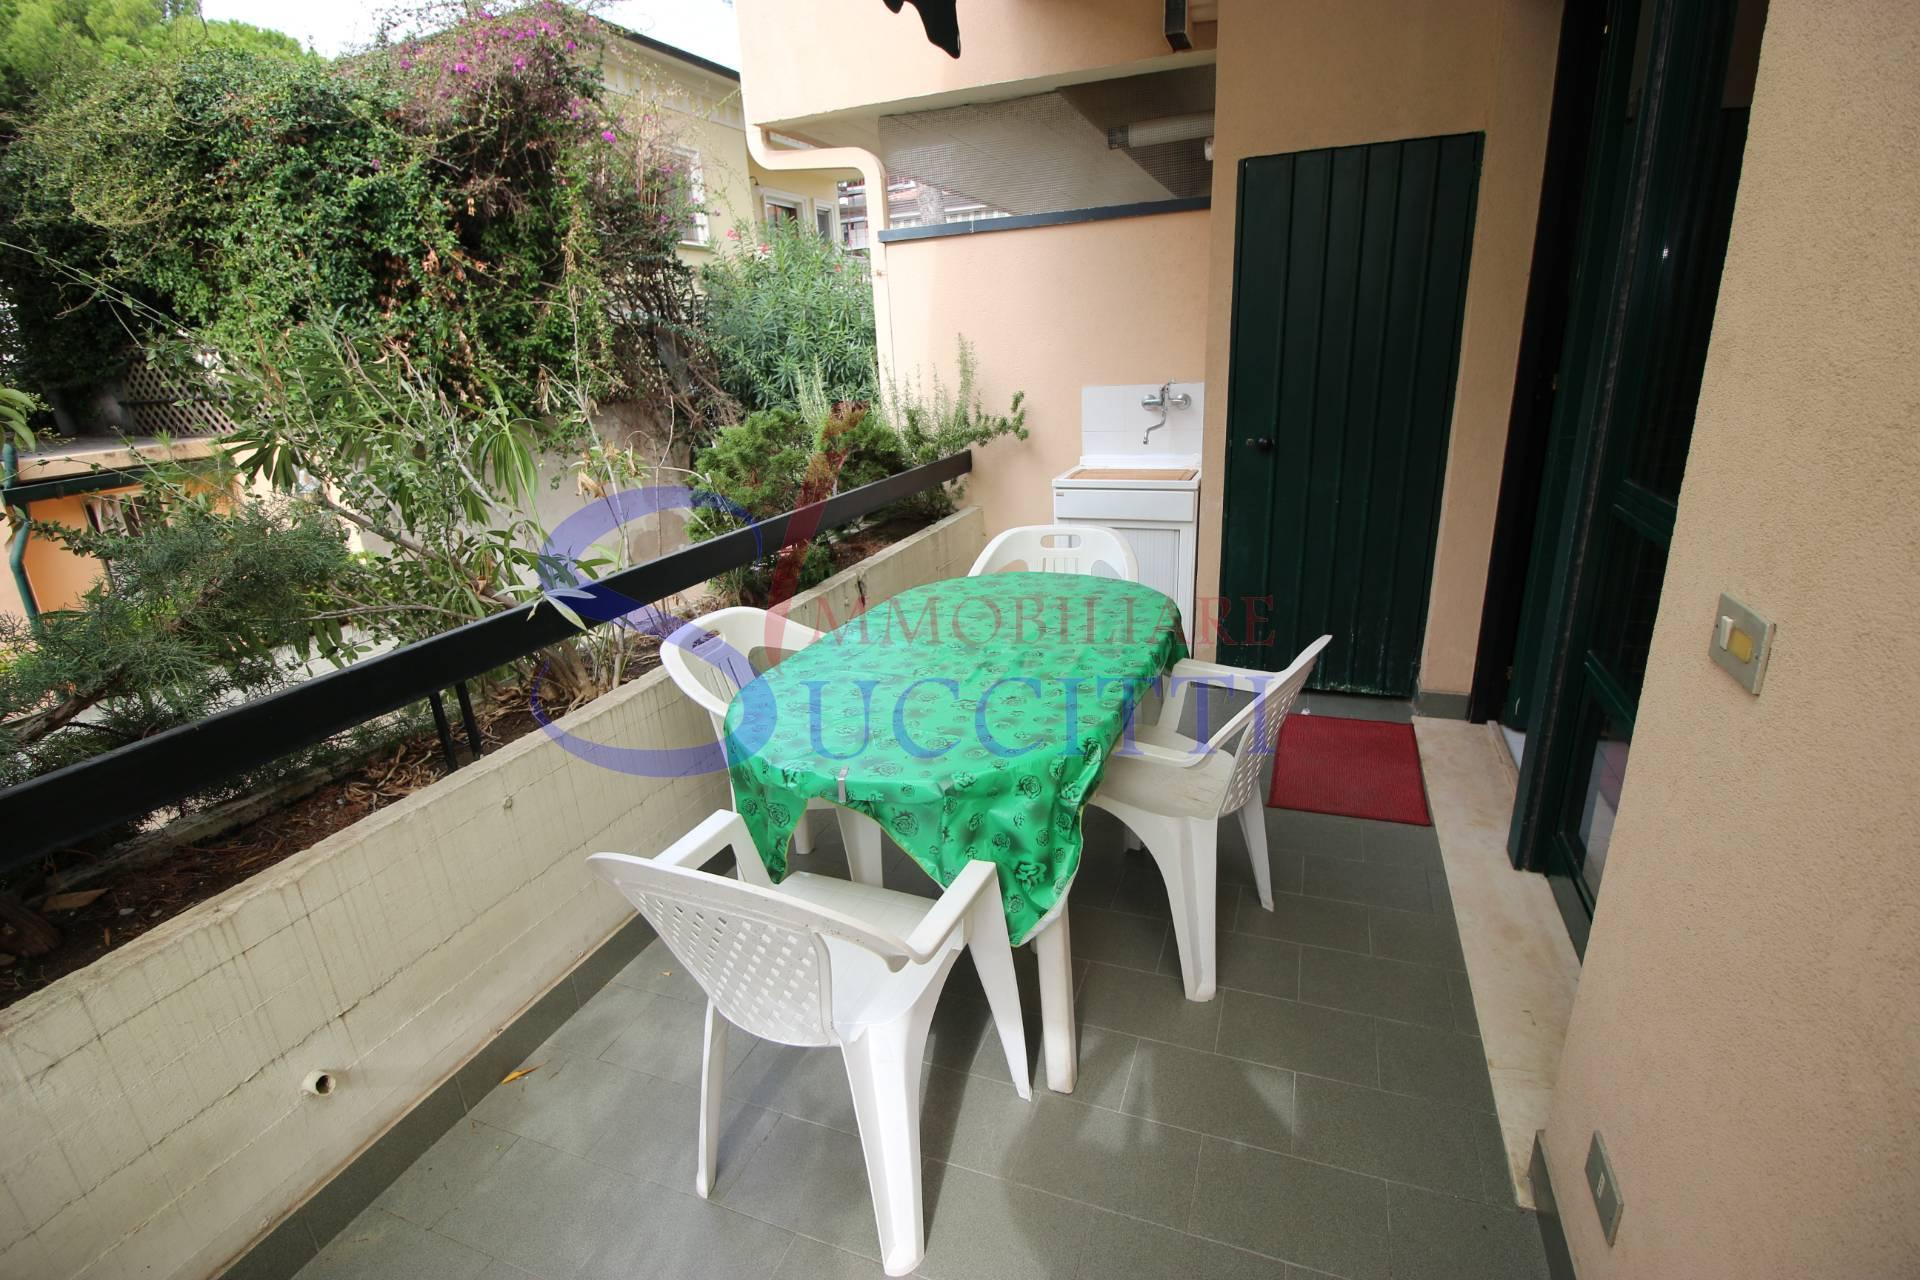 Appartamento in vendita a Tortoreto, 2 locali, zona Località: TortoretoLido, prezzo € 113.000 | CambioCasa.it